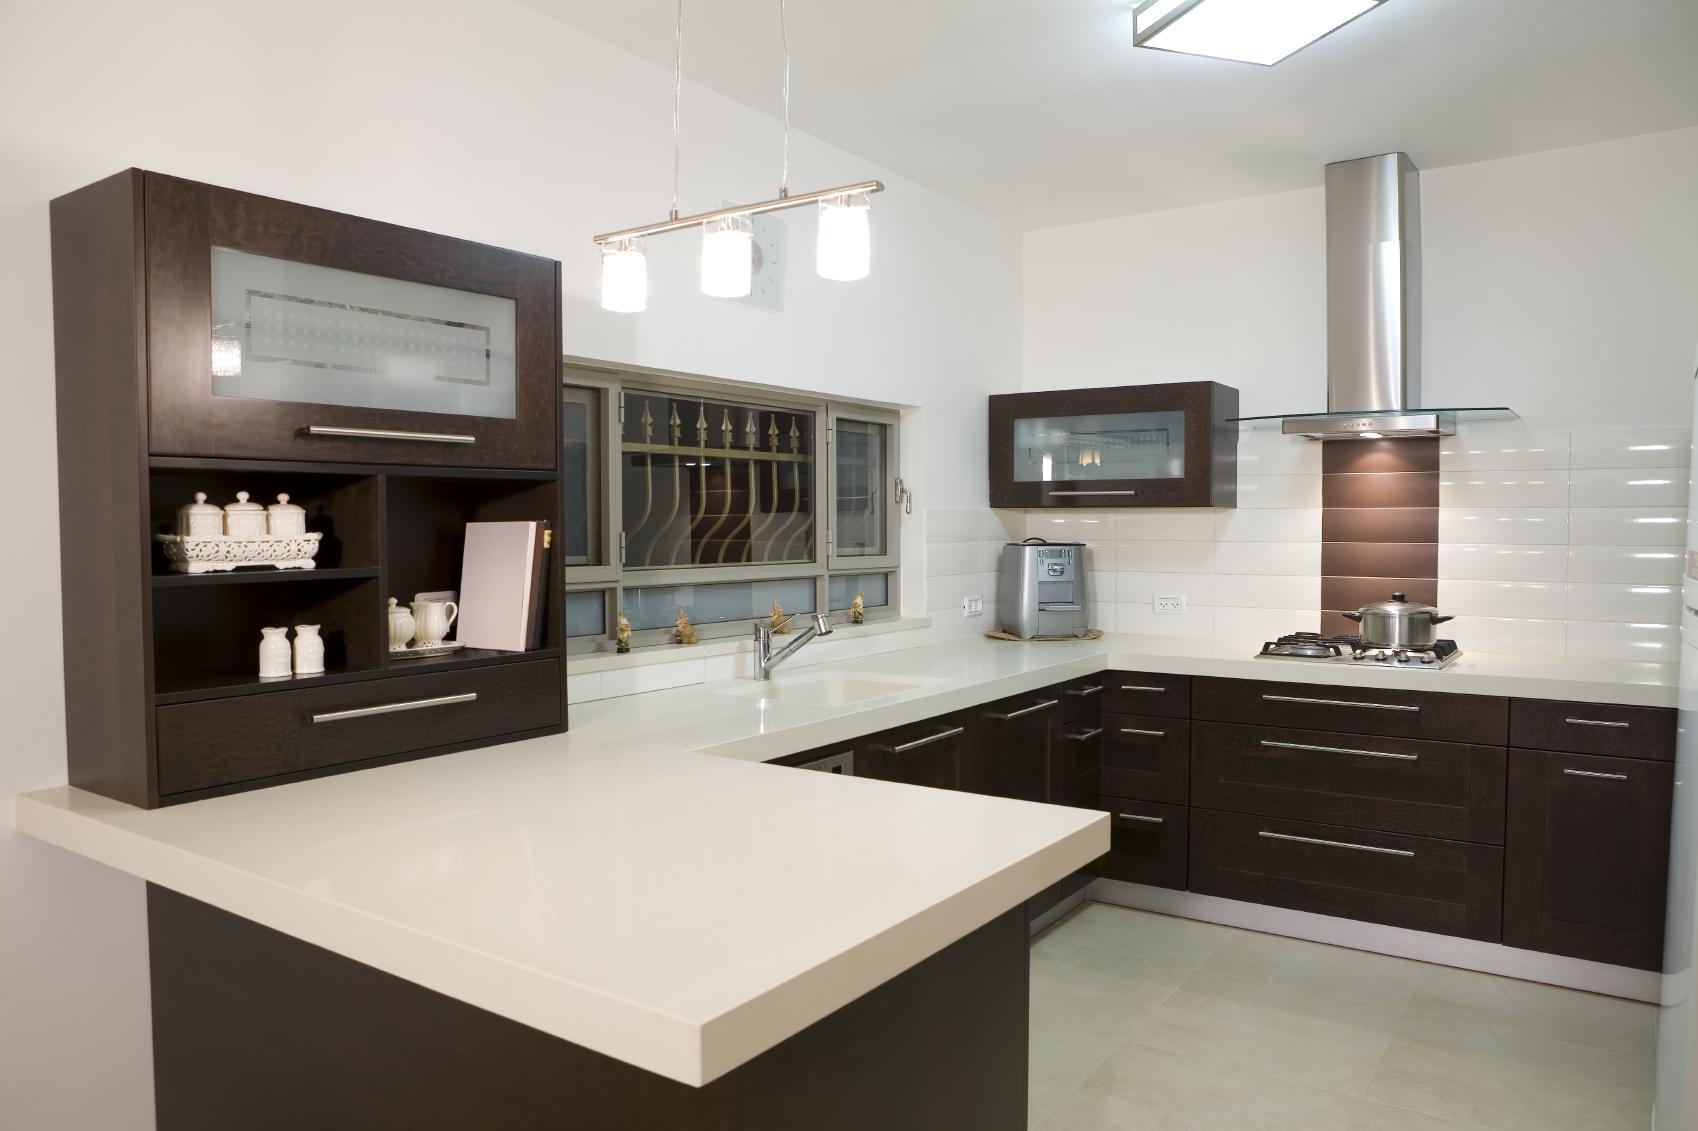 Model ruang dapur sederhana besar konsep moden dengan tabletop putih mewah